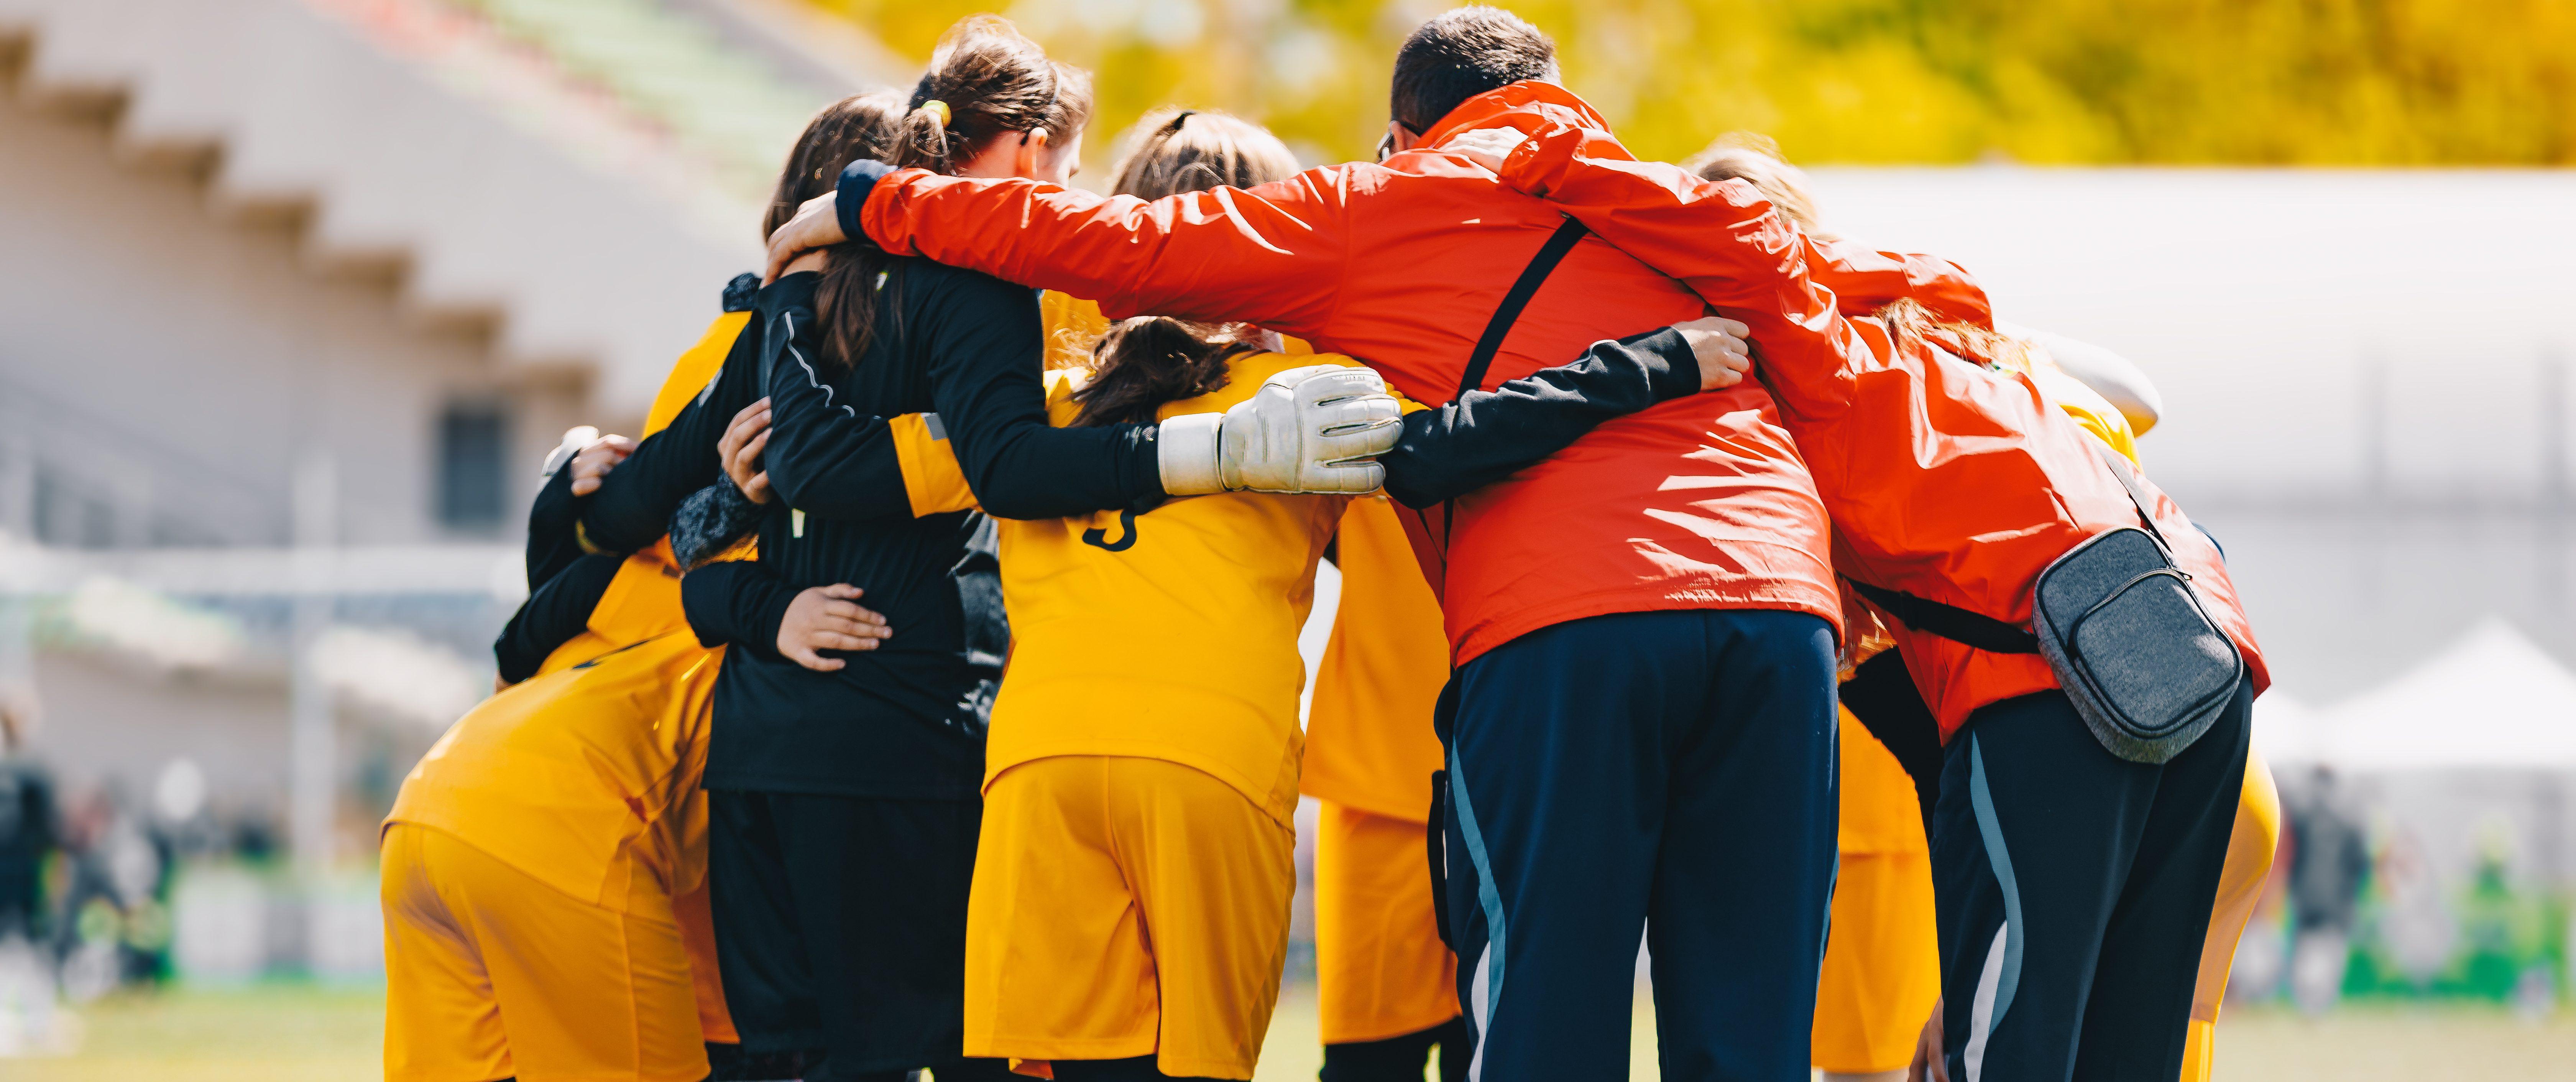 Coach huddled with youth athletes.